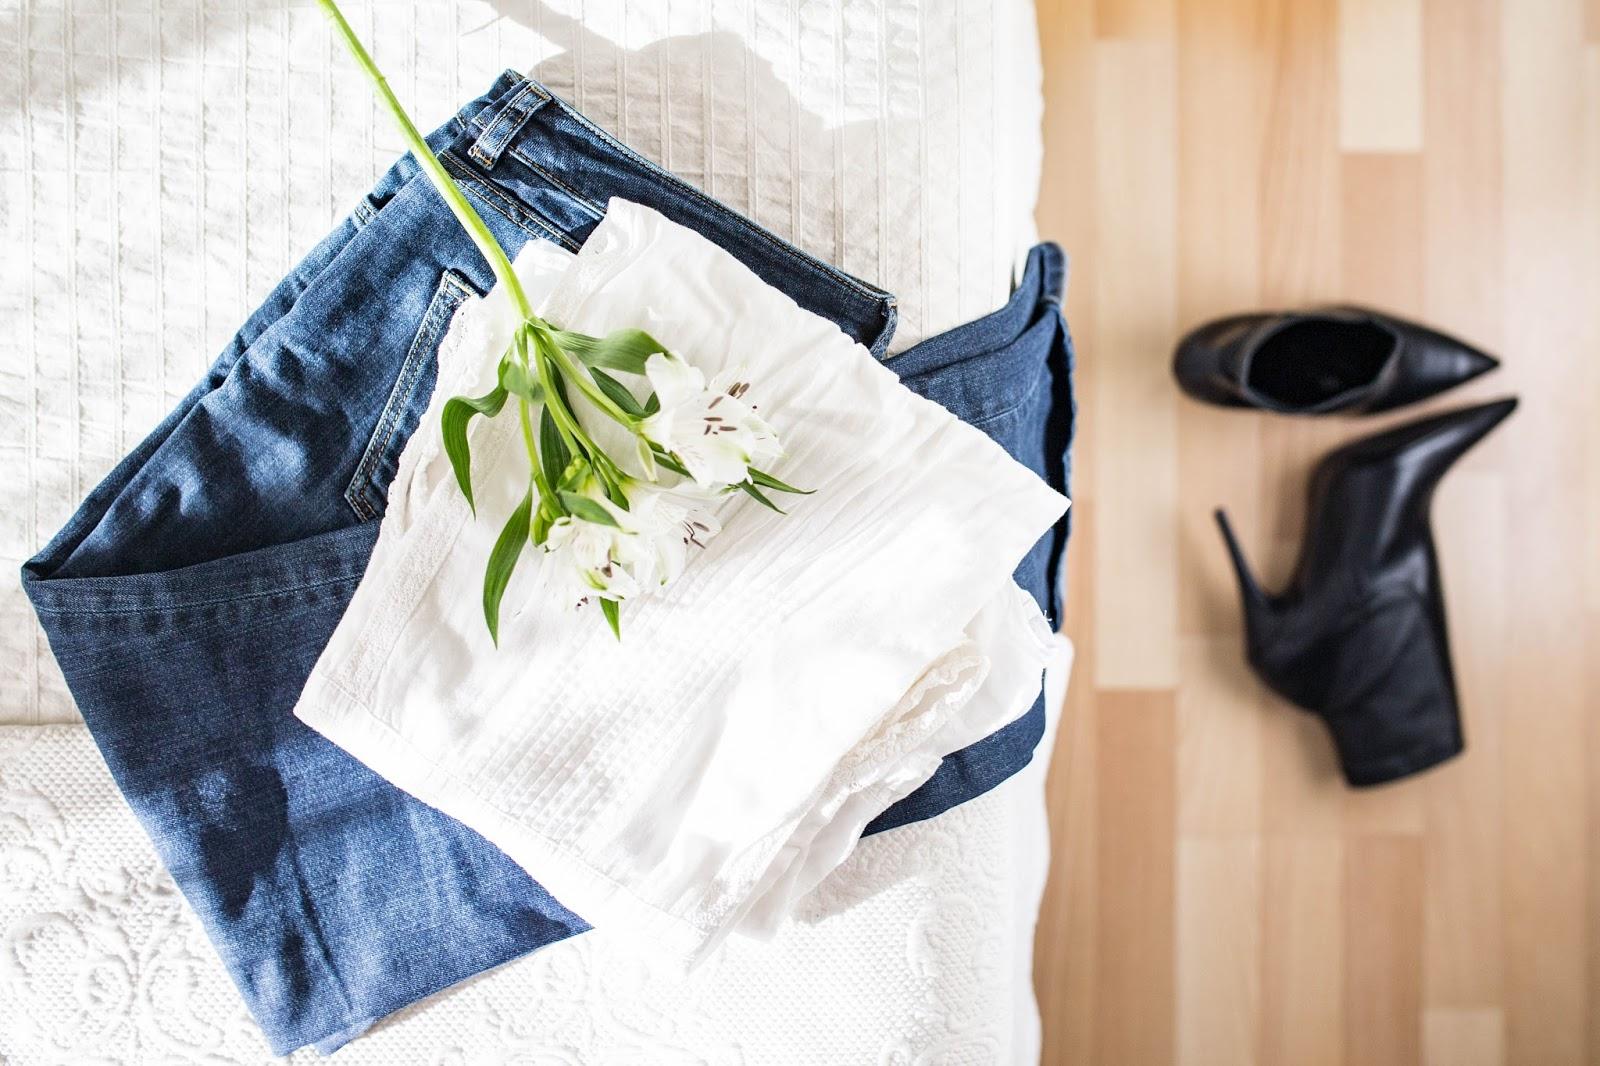 fondo-armario-look-otoño-prendas-jeans-camisa-blanca-flores